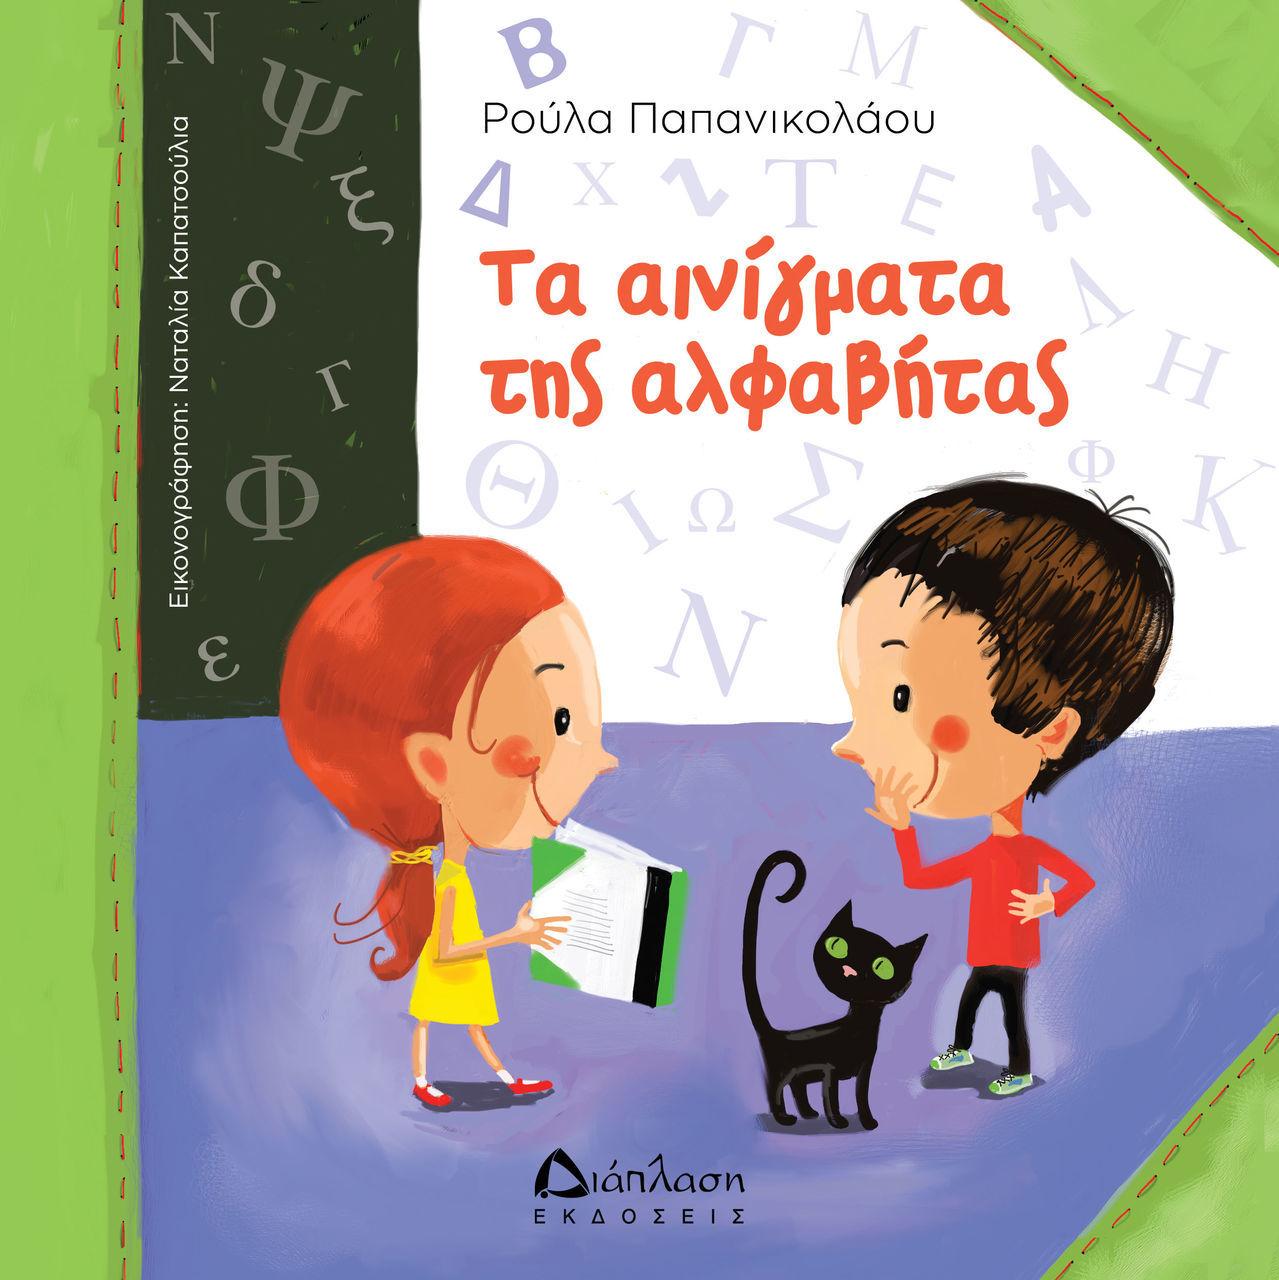 """Δύο νέα βιβλία κυκλοφορούν από τις """"Εκδόσεις Διάπλαση"""" για τα παιδιά προσχολικής και πρωτοσχολικής ηλικίας"""